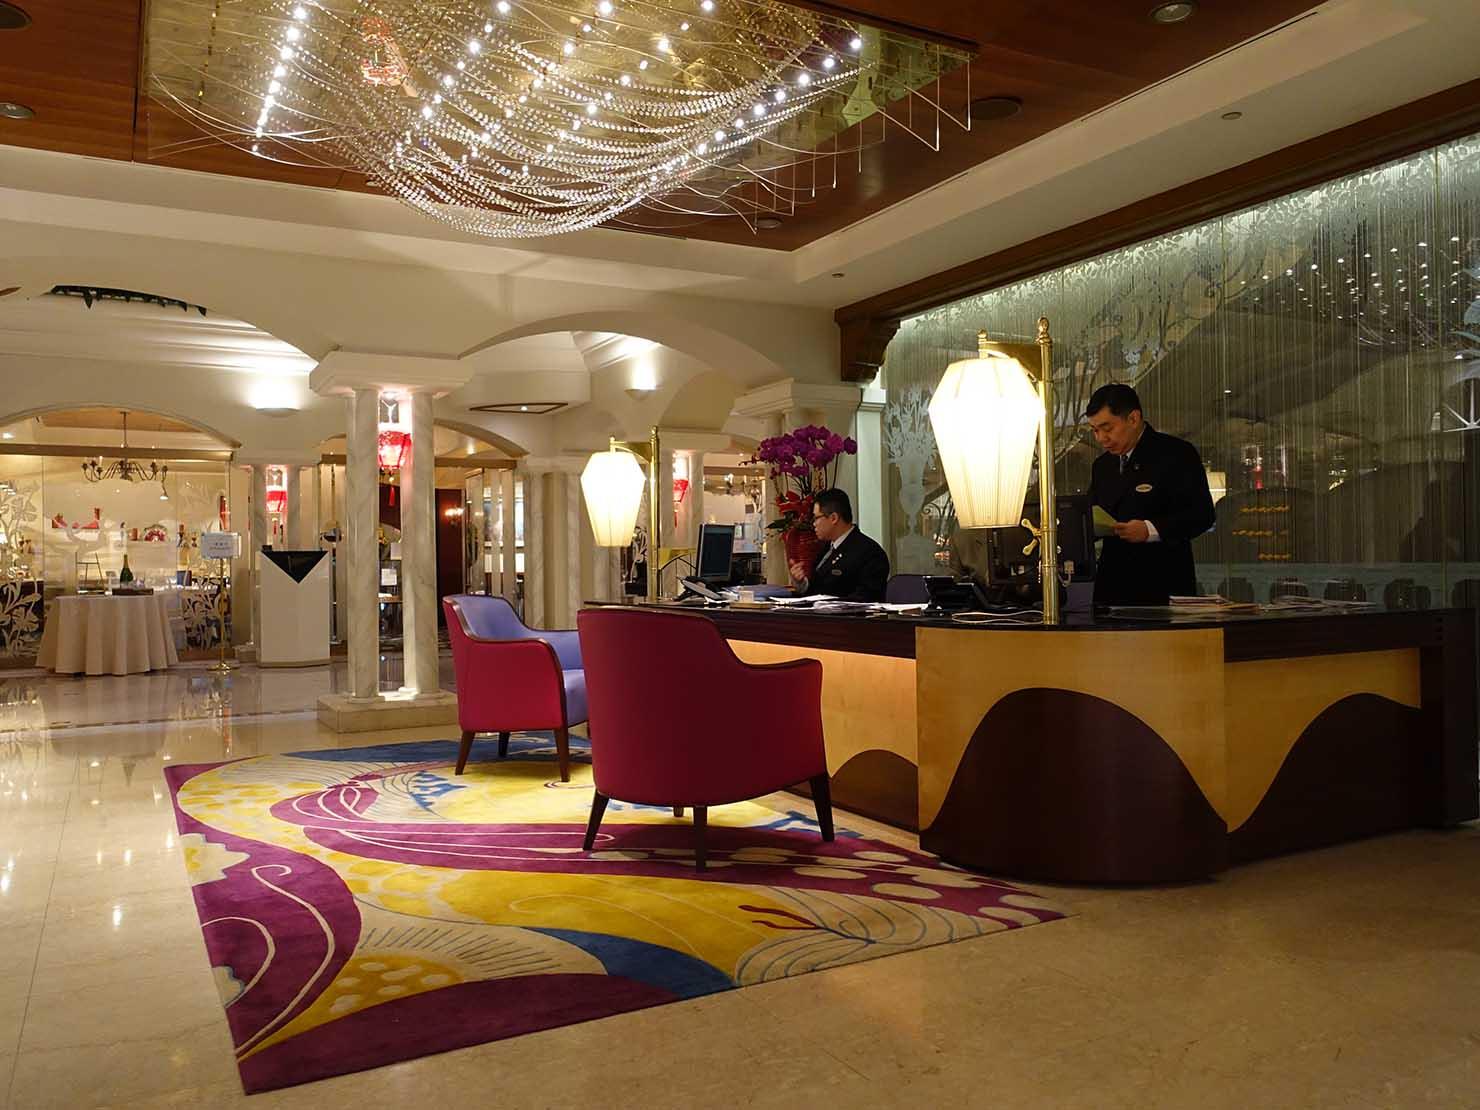 台北のおすすめ4つ星ホテル「歐華酒店(リビエラホテル)」ロビーのチェックインカウンター